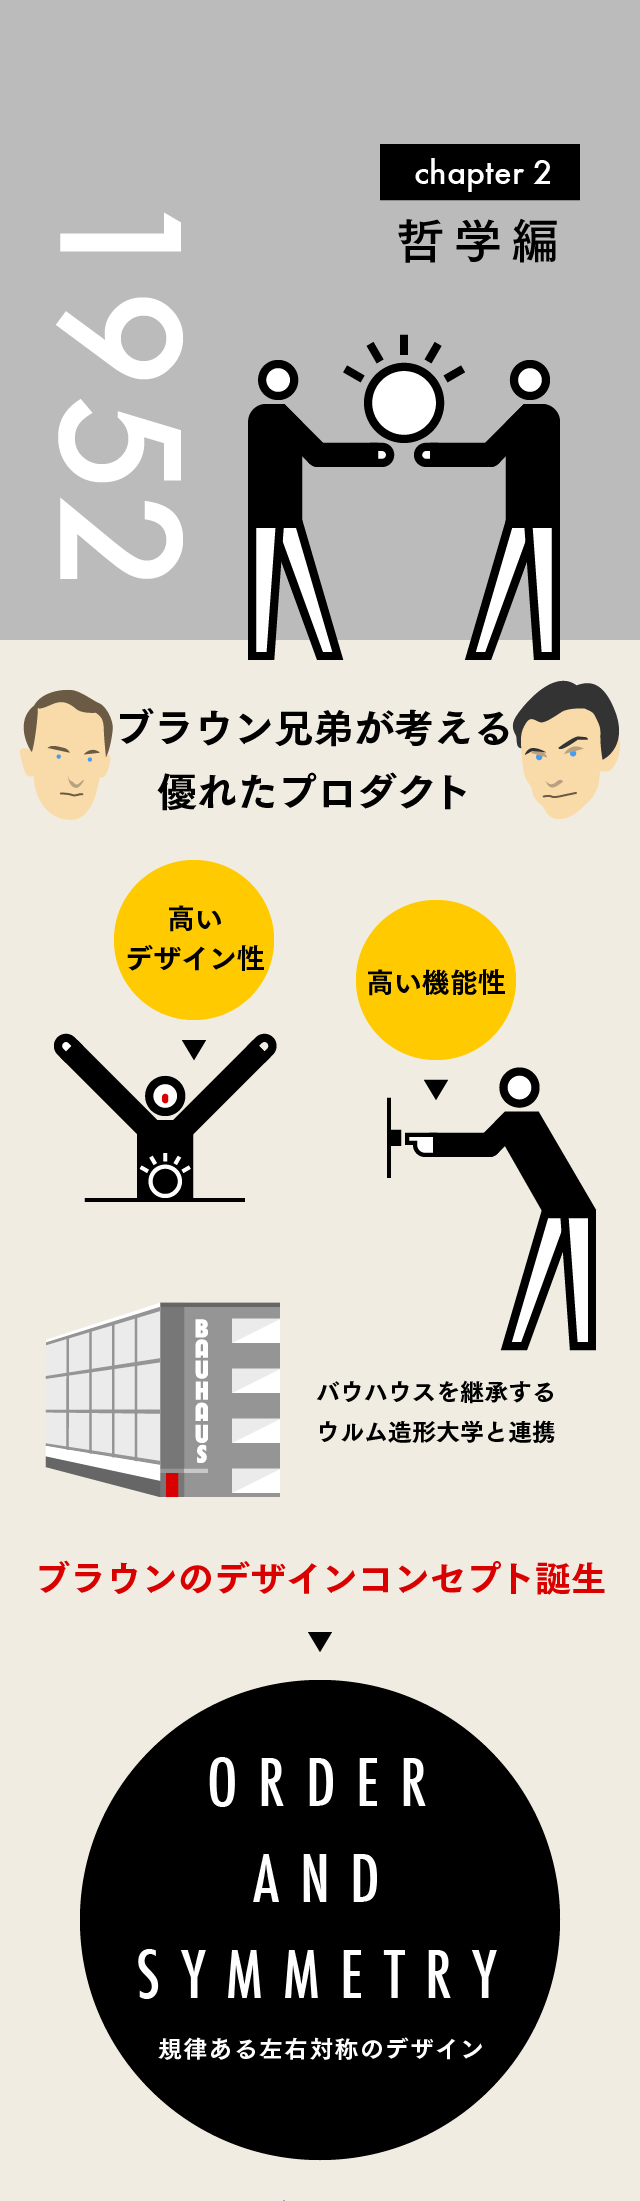 【マスター】ブラウンインフォグラフィック_20151124-03